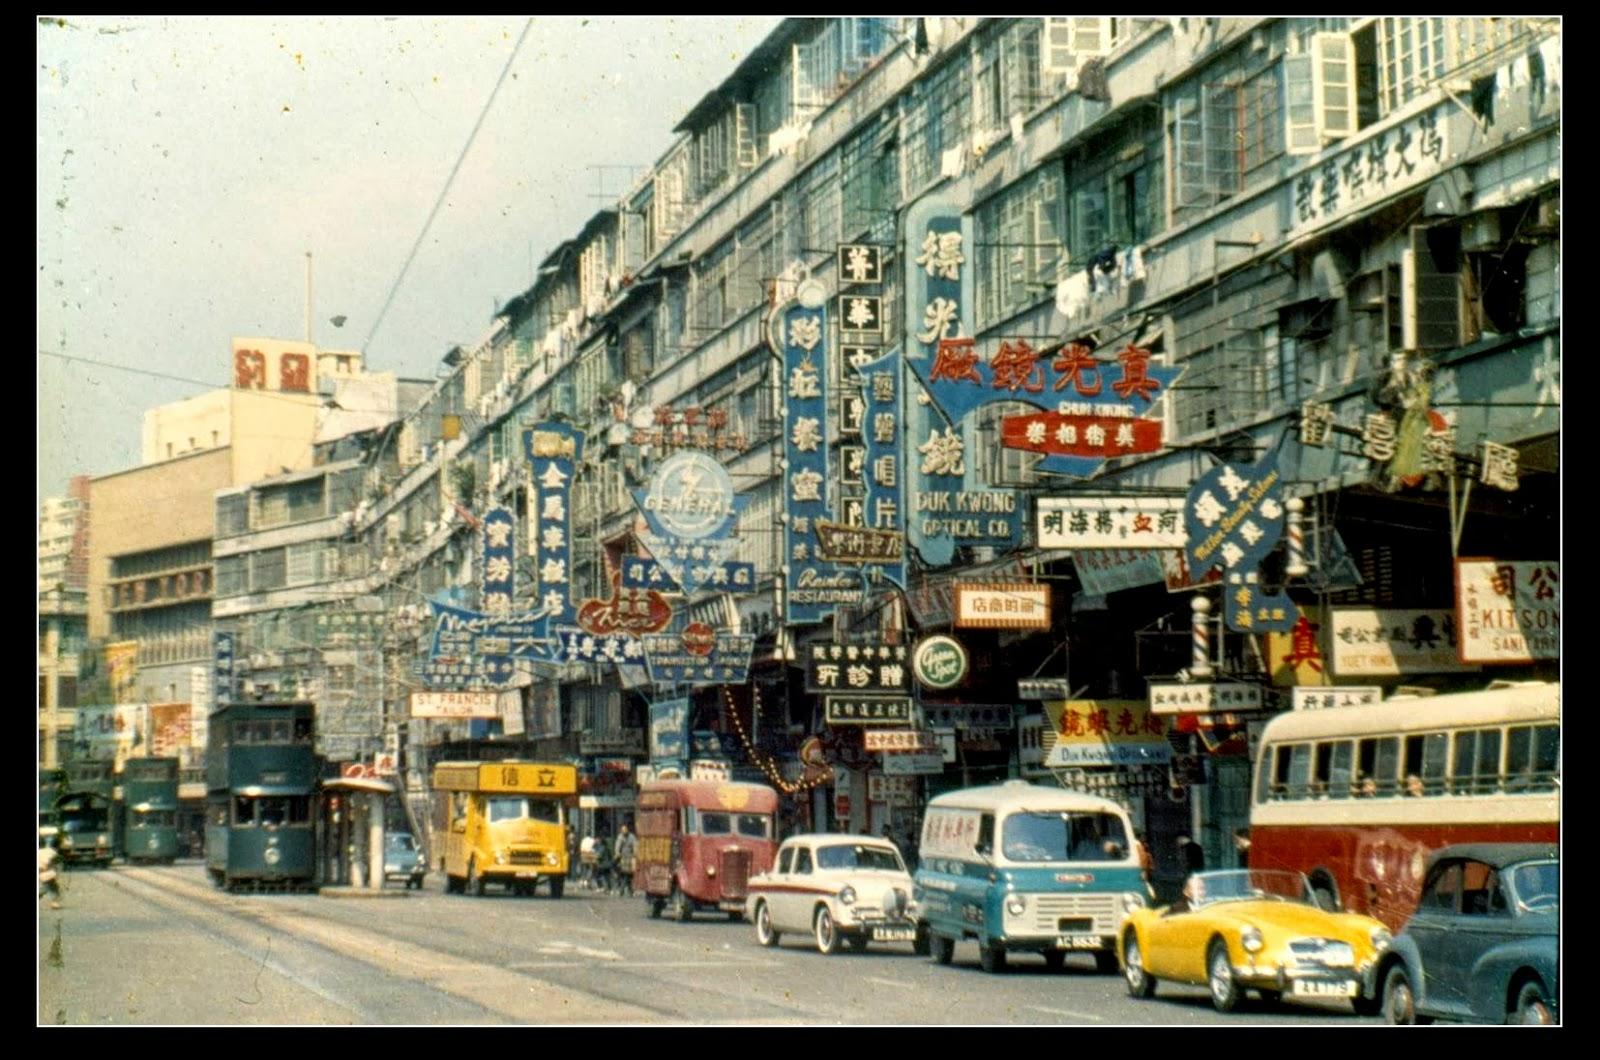 懷舊香港: 銅鑼灣,跑馬地